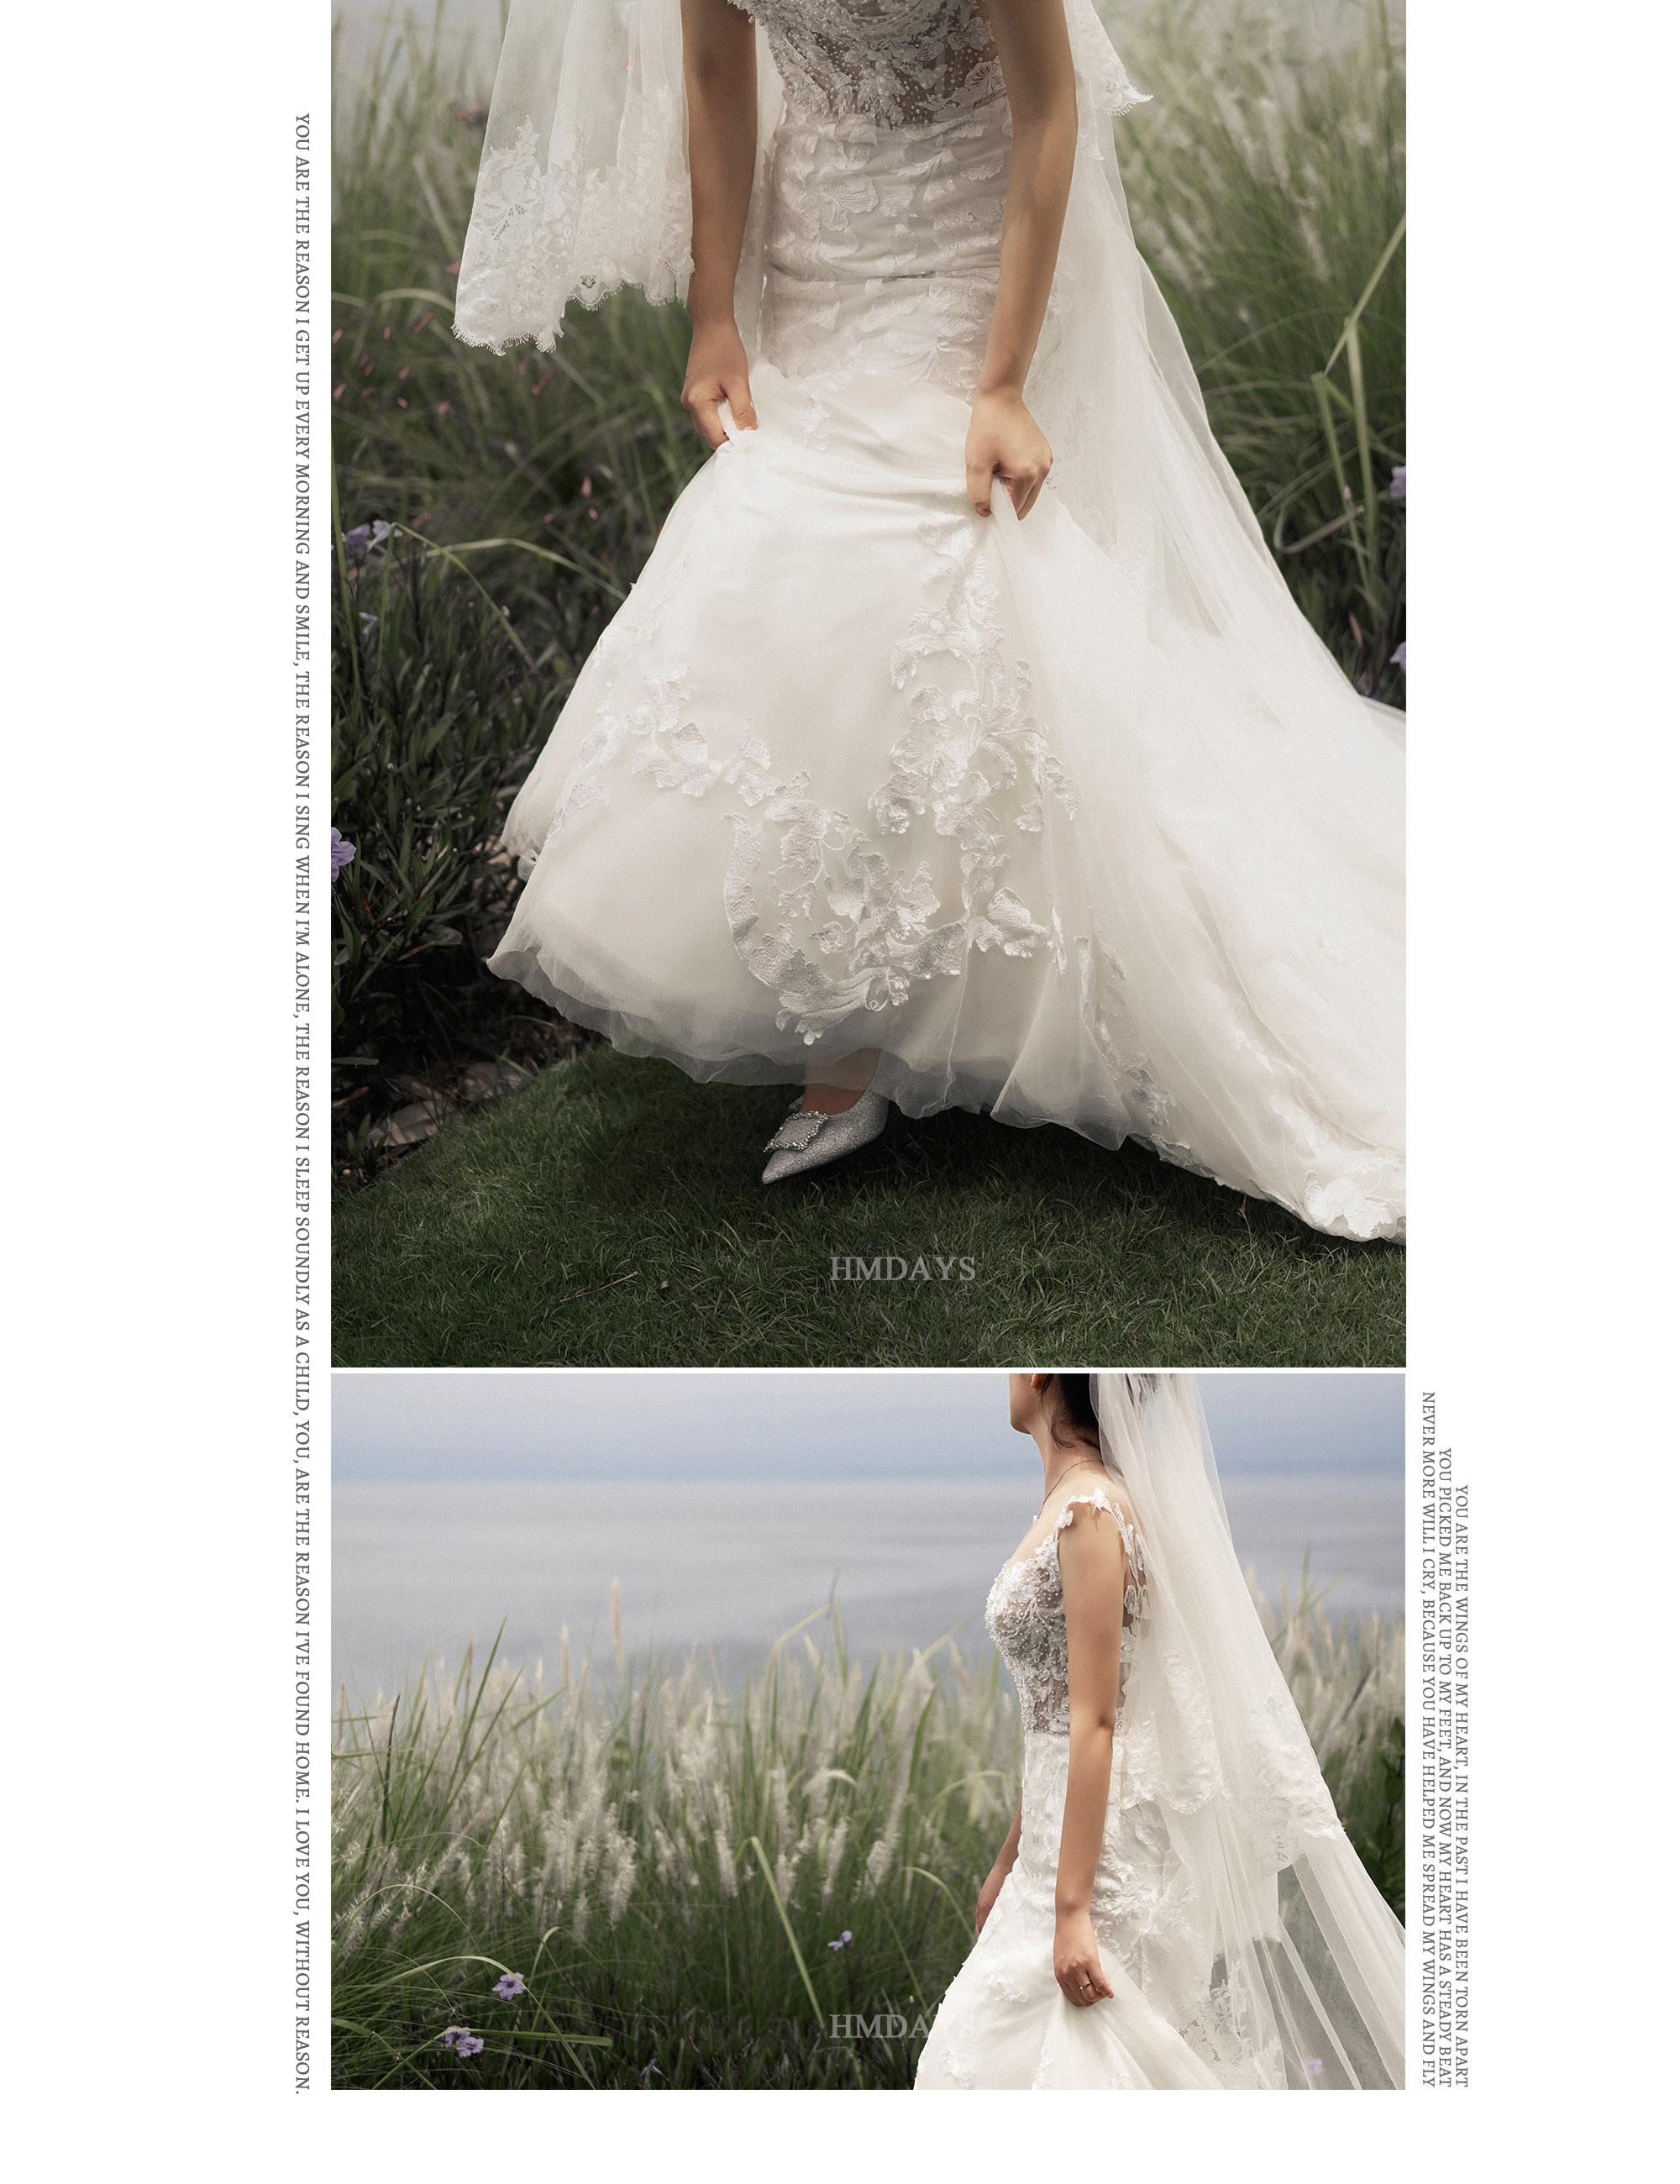 巴厘岛水晶教堂婚礼婚纱照片